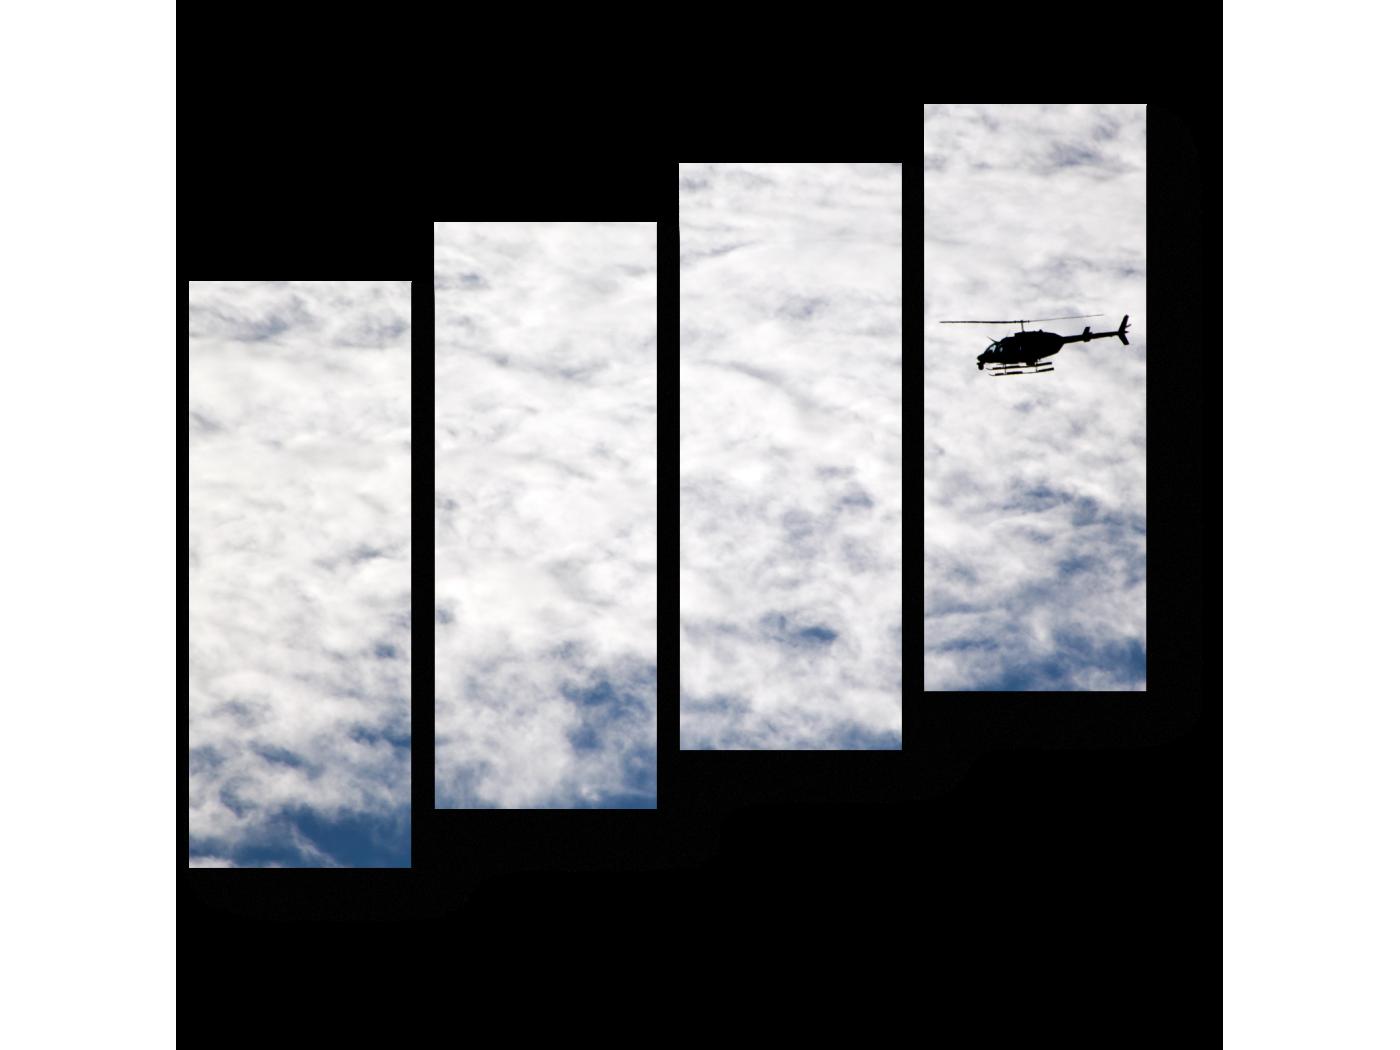 Модульная картина Летящий в облаках (80x69) фото